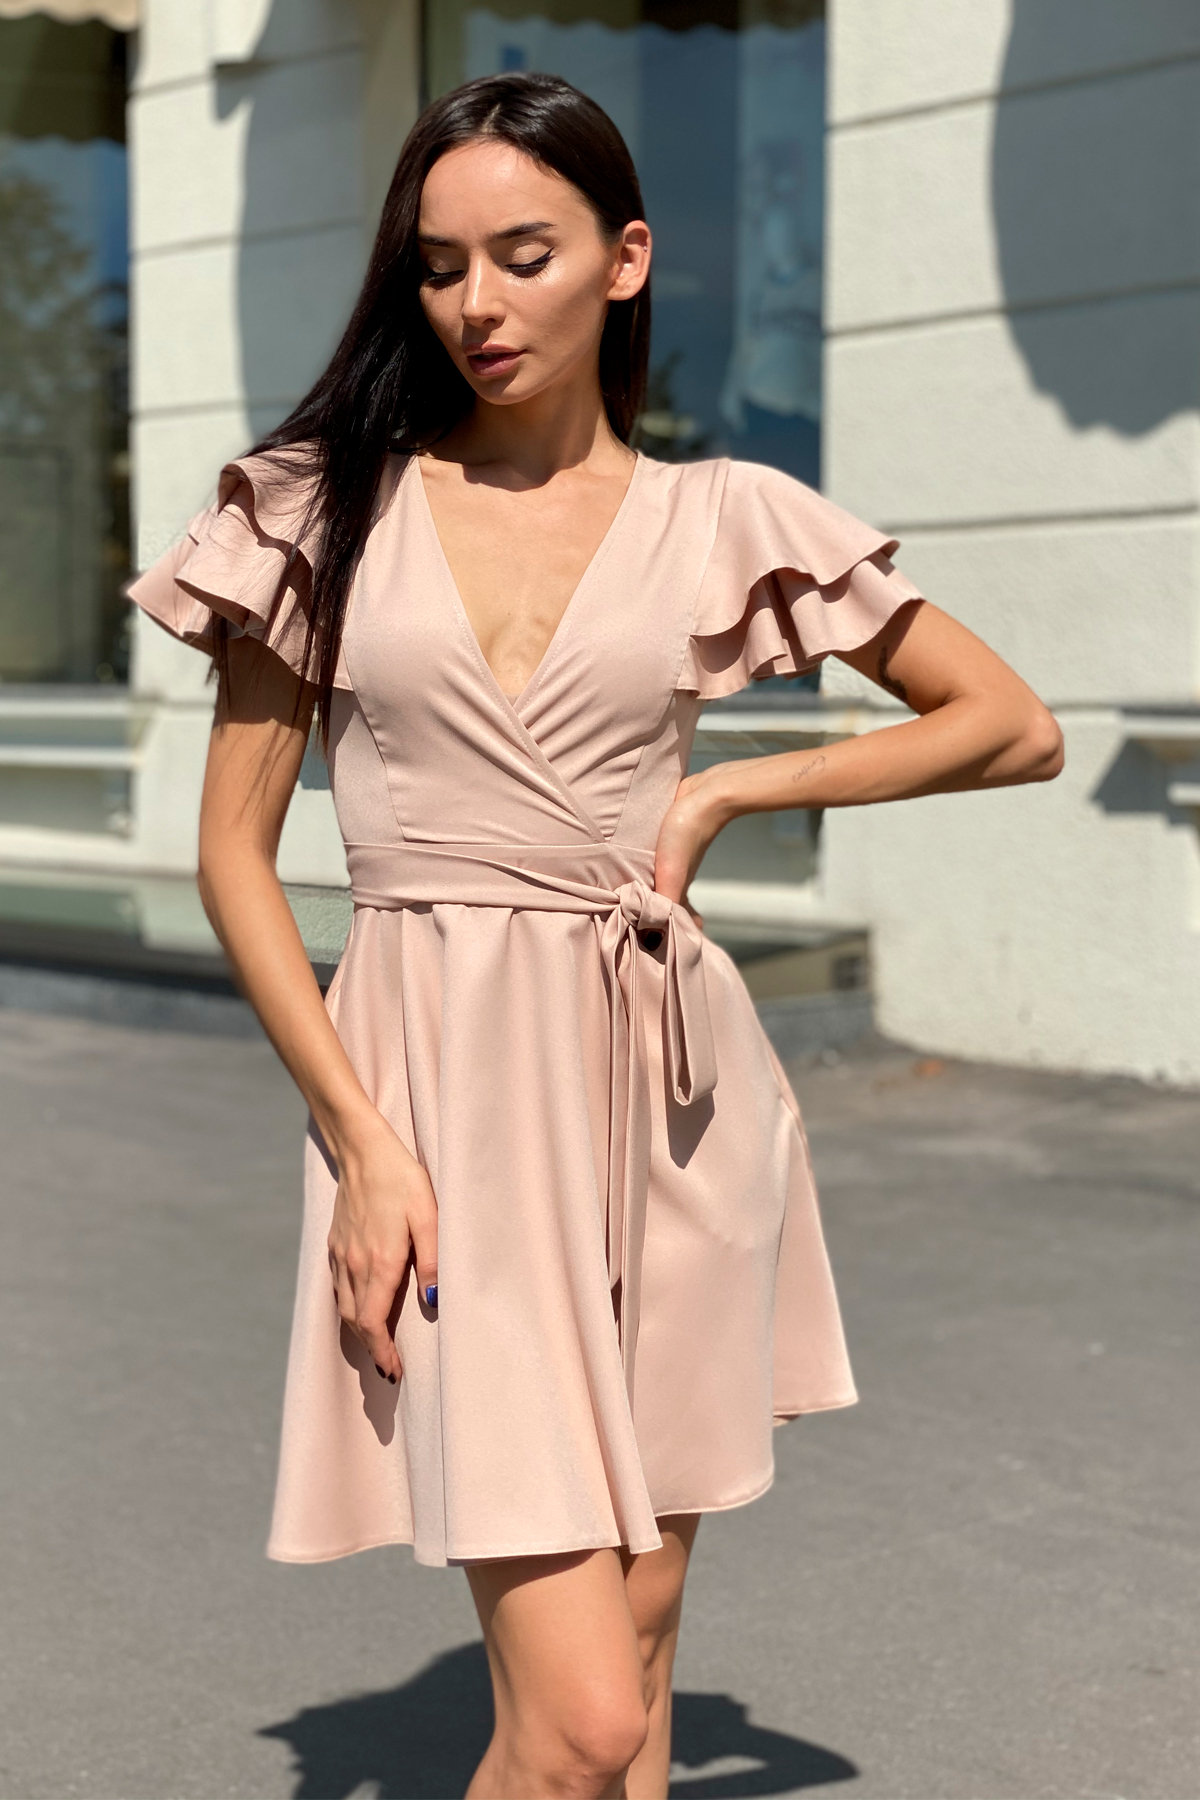 Платье Милея 9649 АРТ. 45969 Цвет: Бежевый - фото 4, интернет магазин tm-modus.ru